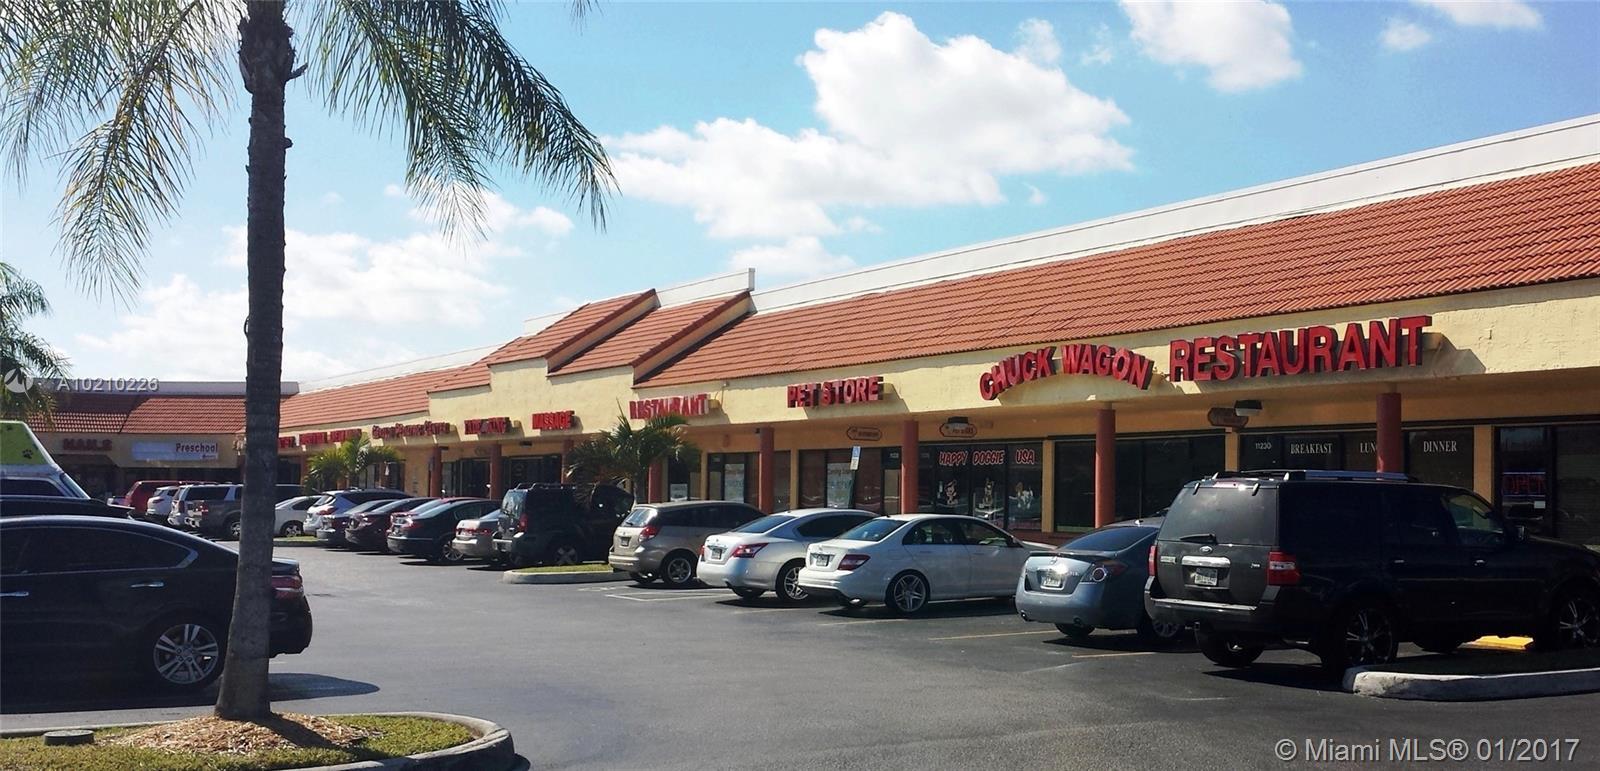 1124648 SW 137th Ave, Miami, FL 33186